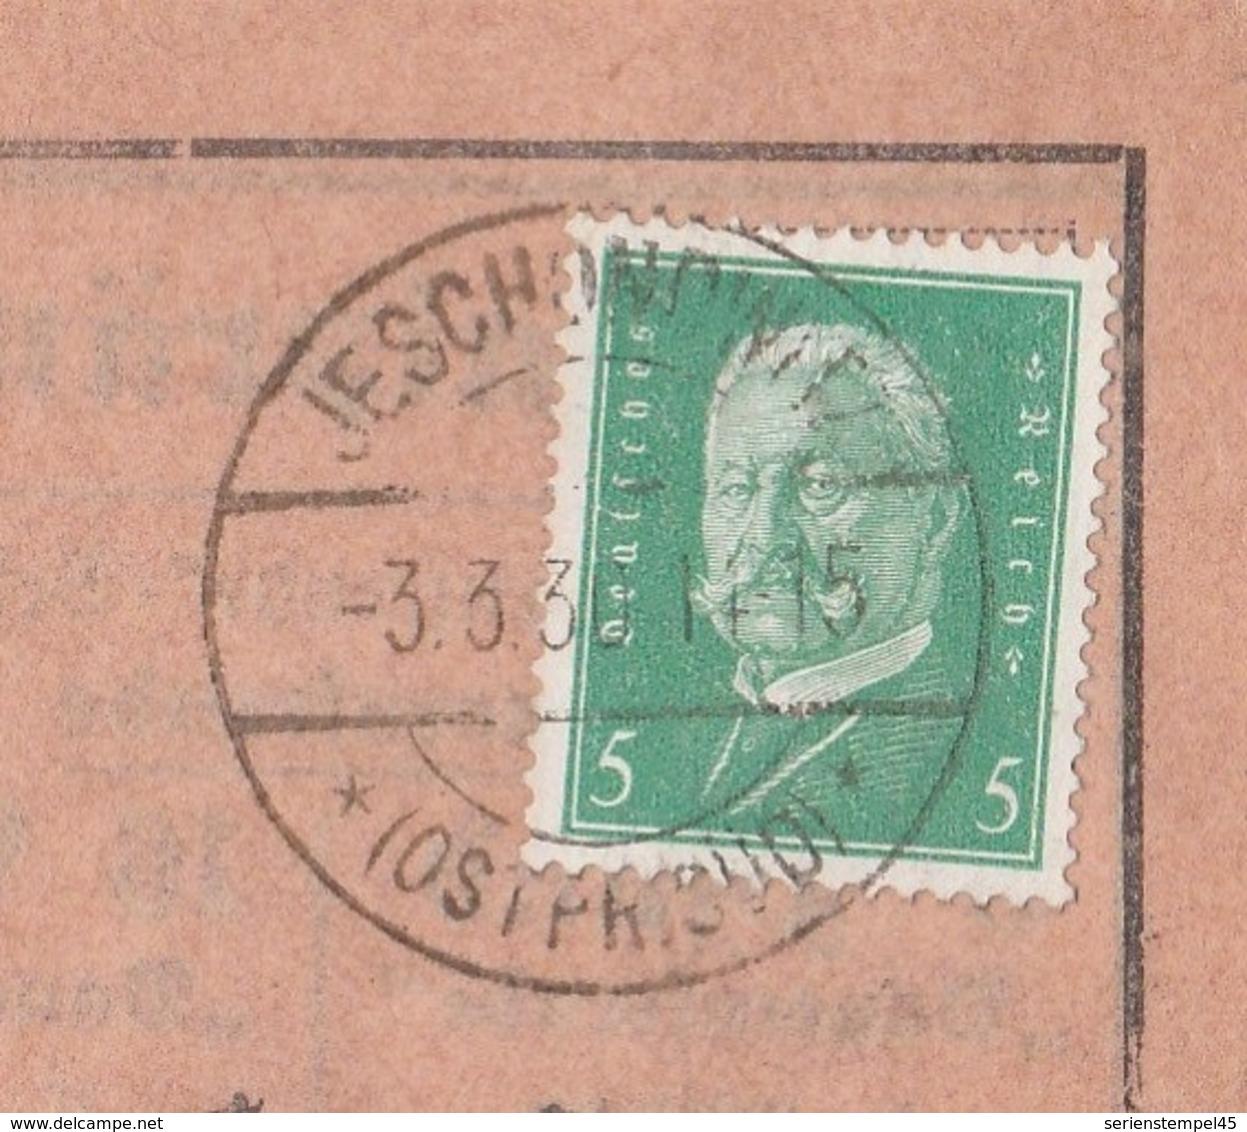 Ostpreussen Deutsches Reich Karte Mit Tagesstempel Jeschondwitz * Ostpr. Süd * 1930 Eschenwalde Lk Ortelsburg Allenstein - Briefe U. Dokumente